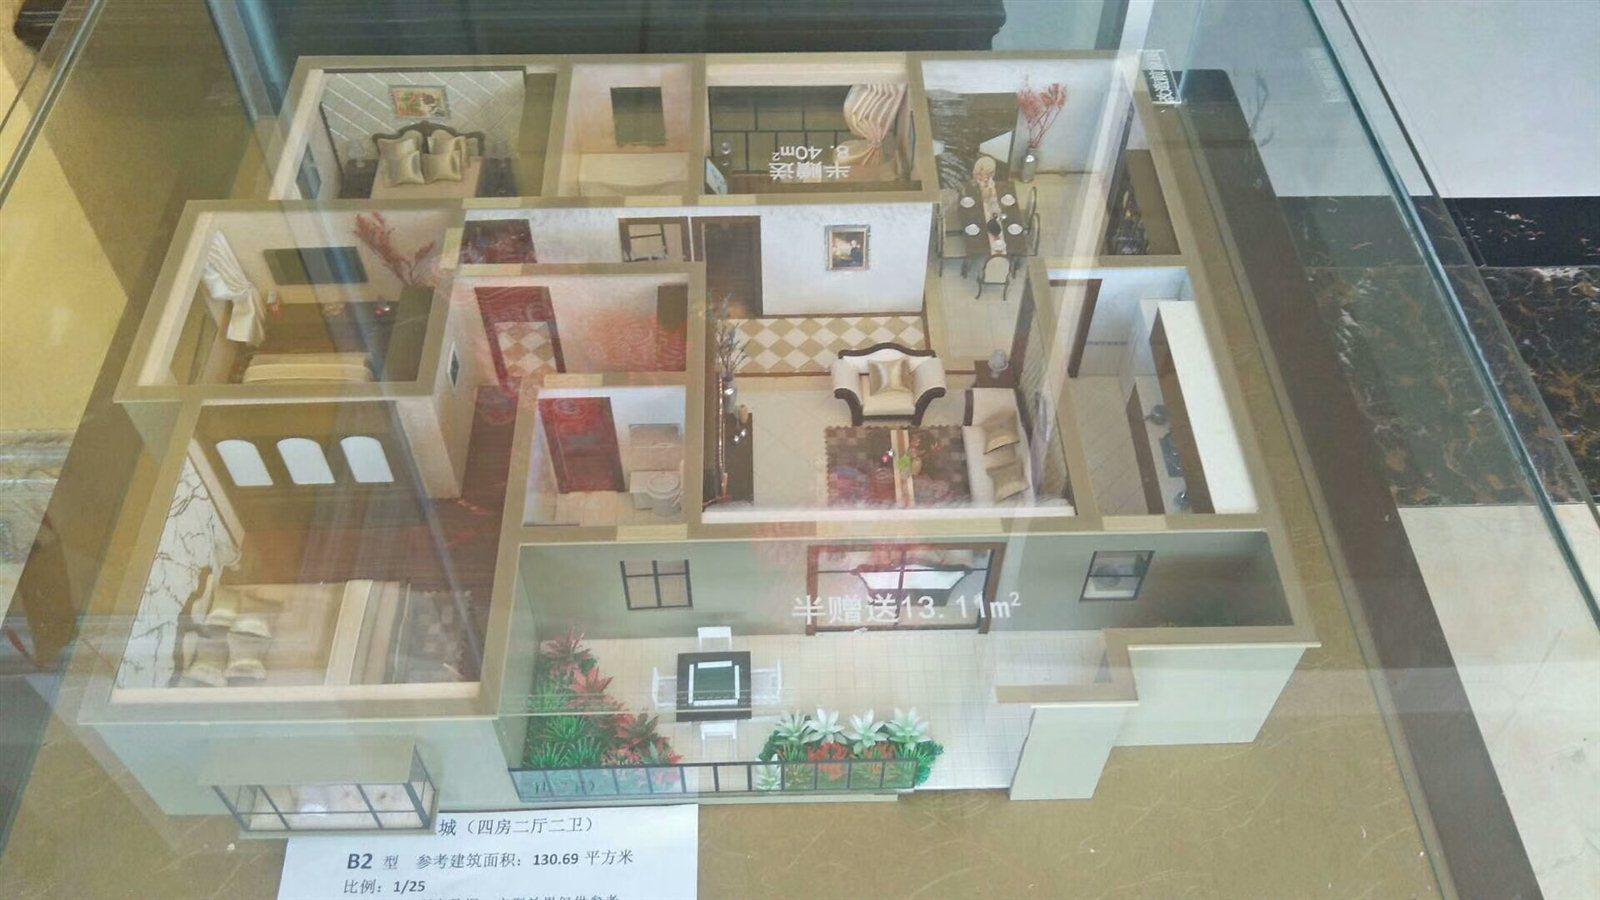 九天慧都龙城4室2厅2卫62.8万元